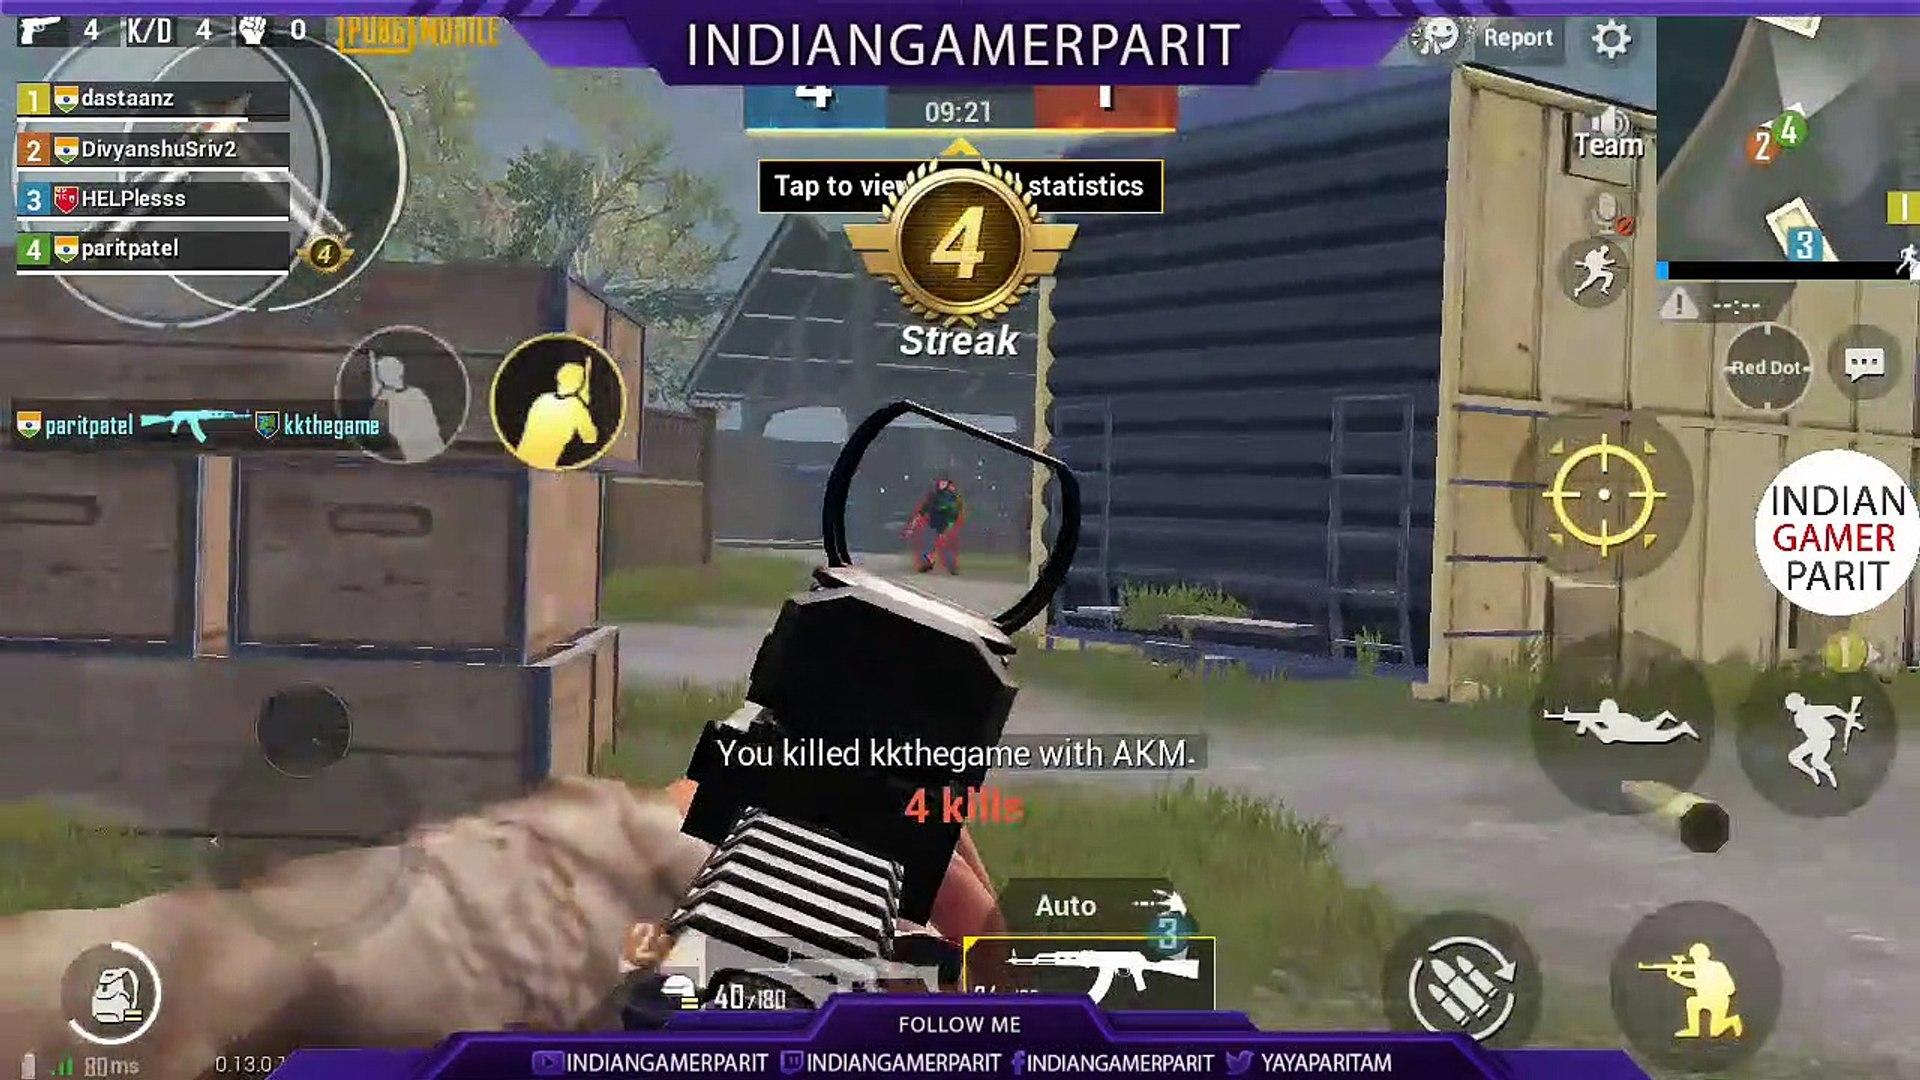 First Ever PUBG Mobile TDM (TEAM DEATHMATCH) || PUBG Mobile TDM #1 || Indian Gamer Parit